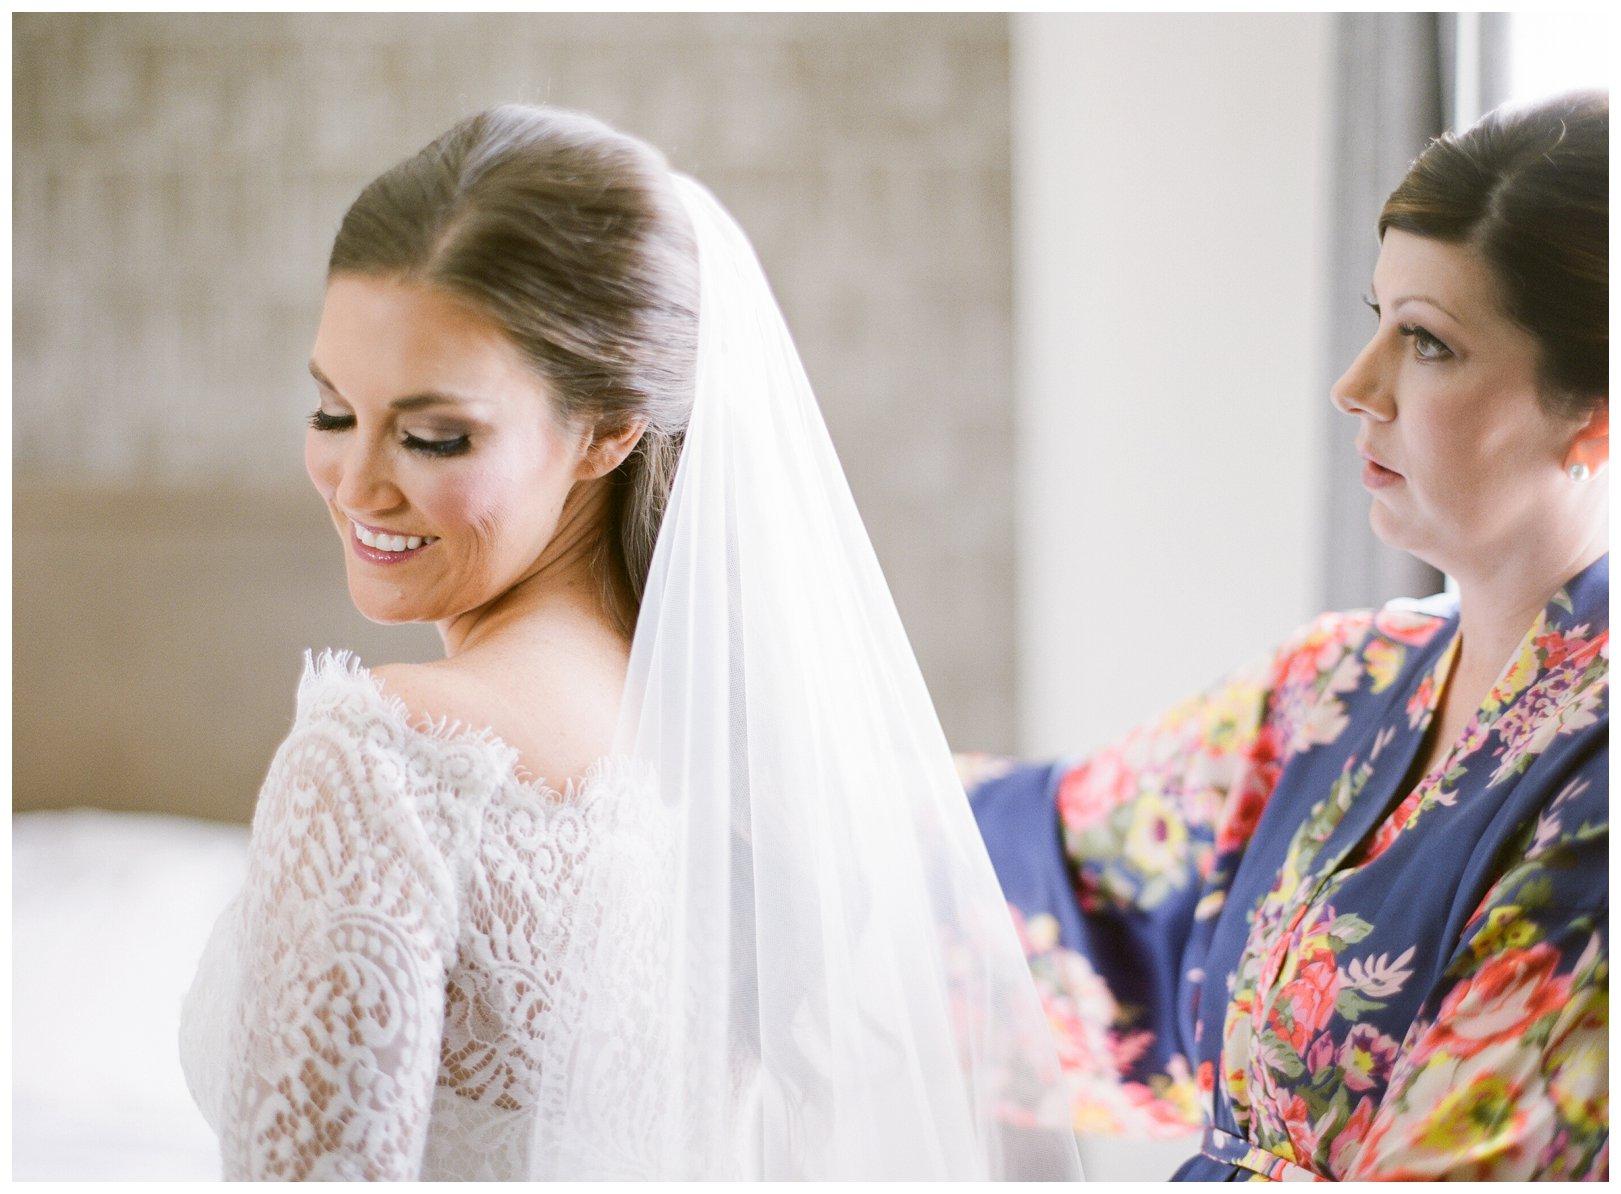 lauren muckler photography_fine art film wedding photography_st louis_photography_1240.jpg